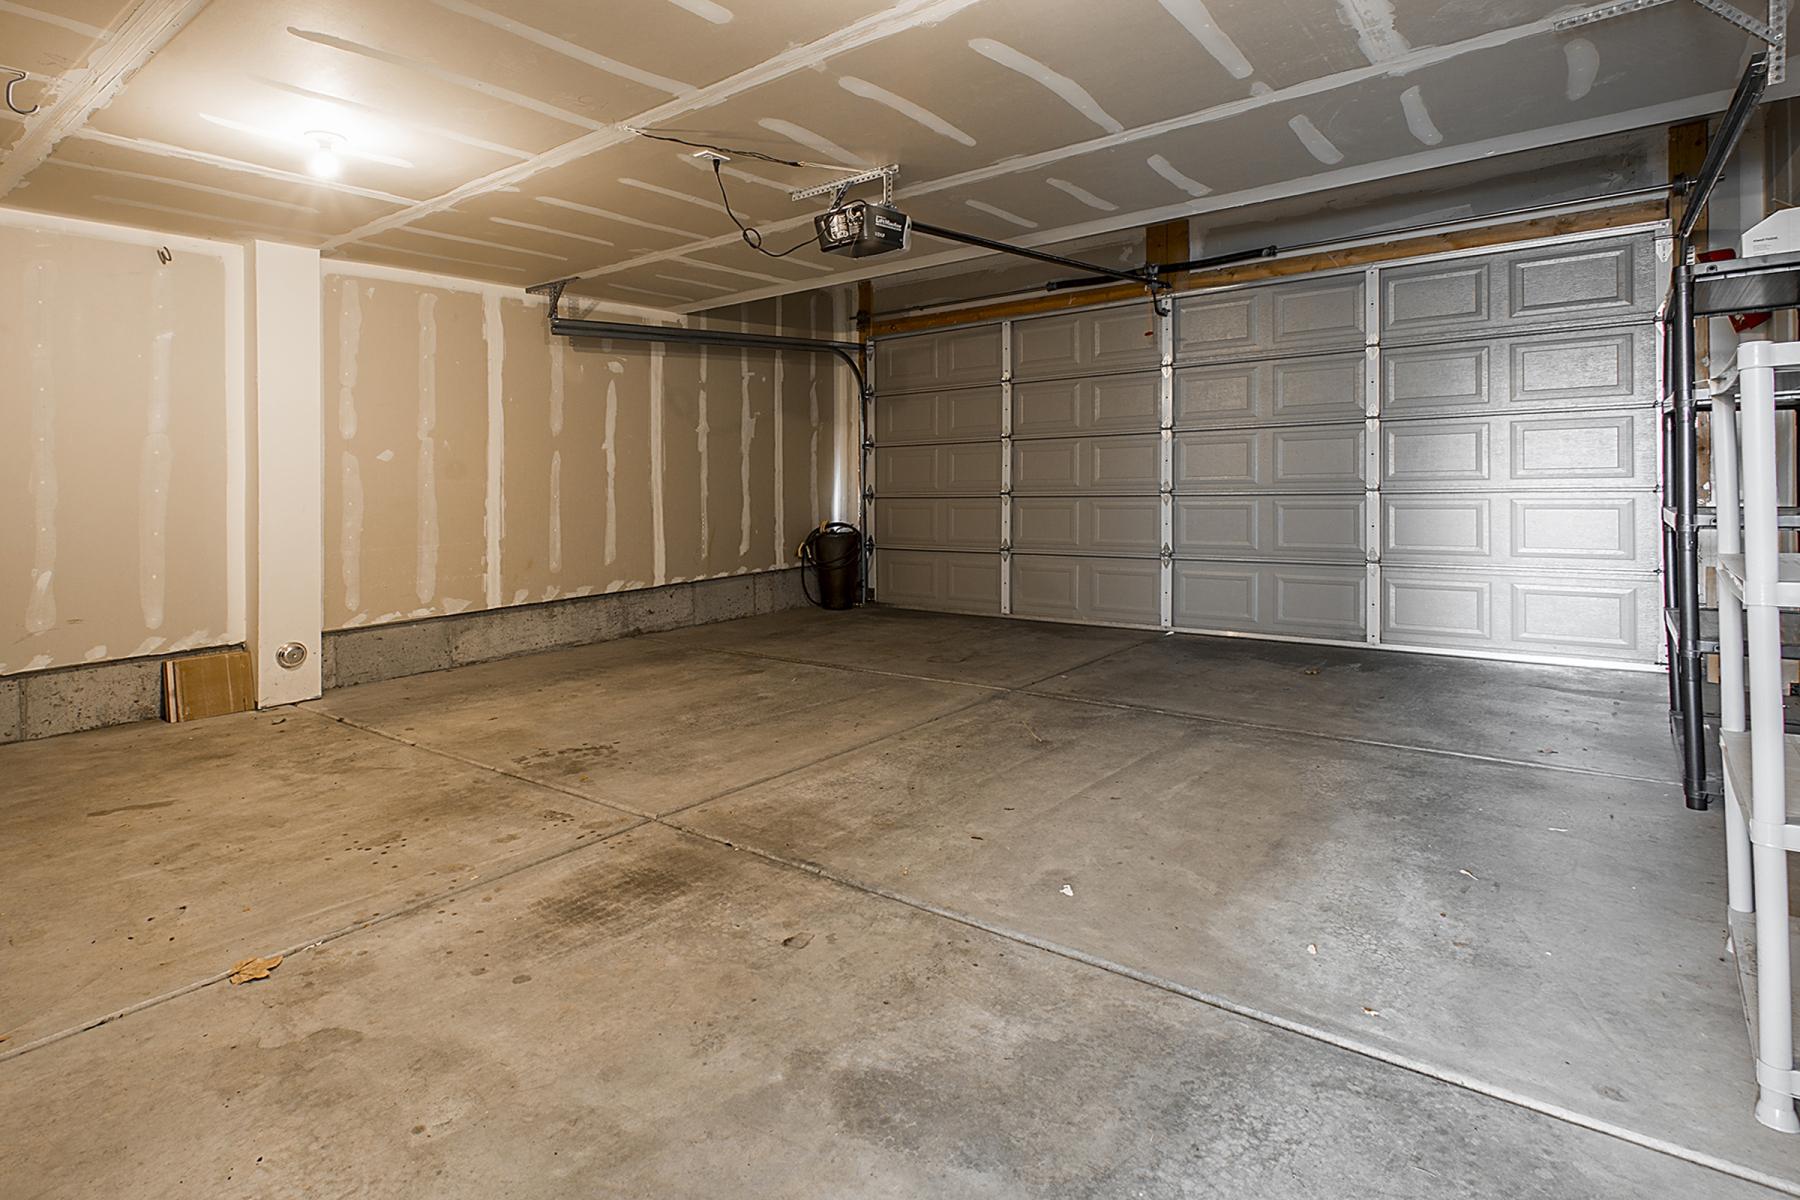 Garage_1800x1200_2515468